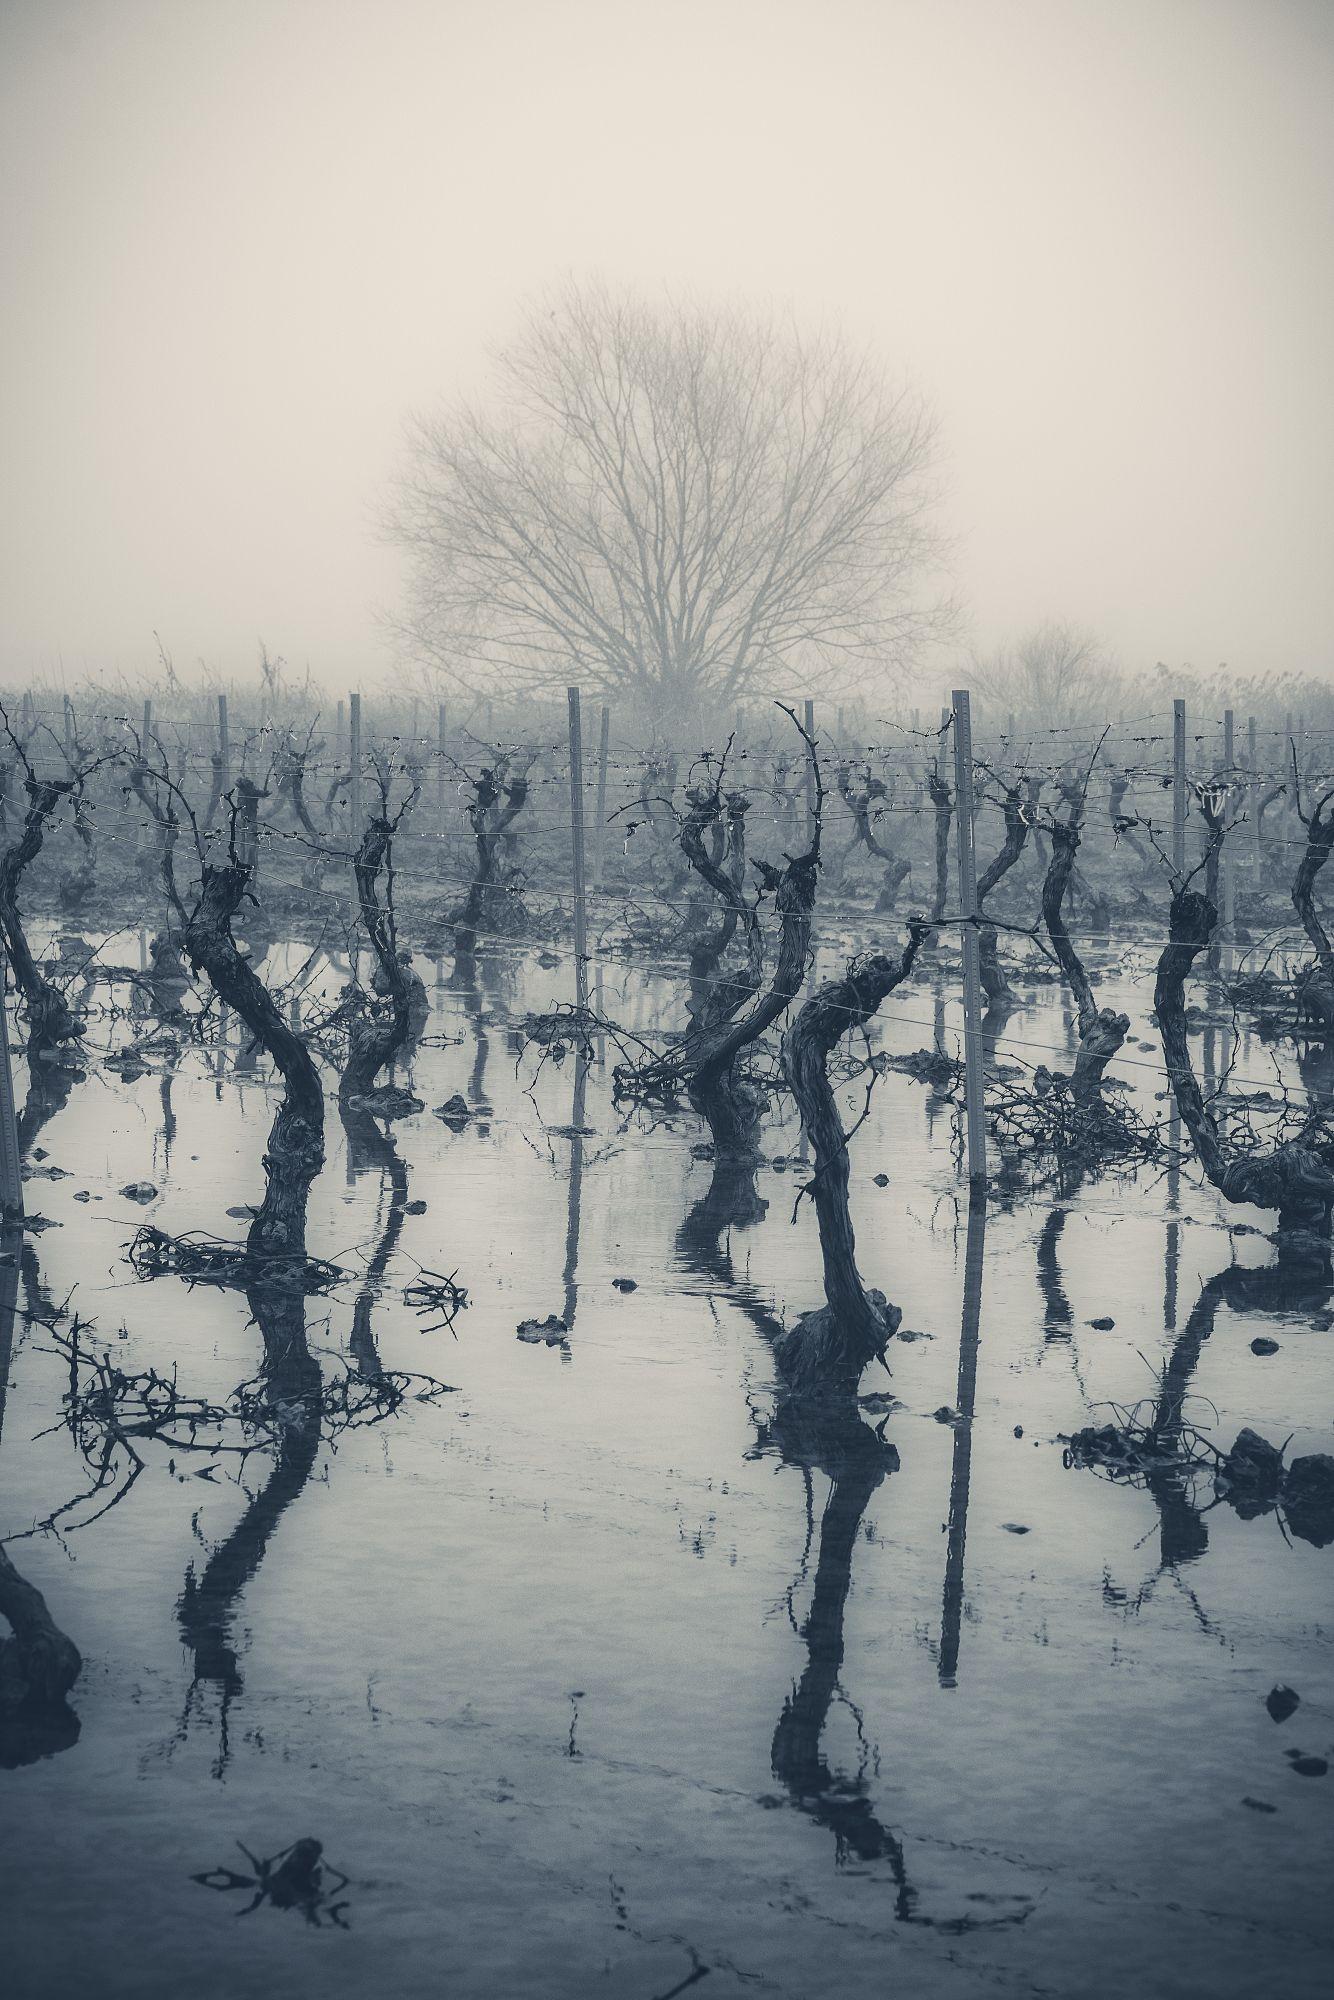 Roberto_De-la-Fuente_Ramos_Duro-invierno